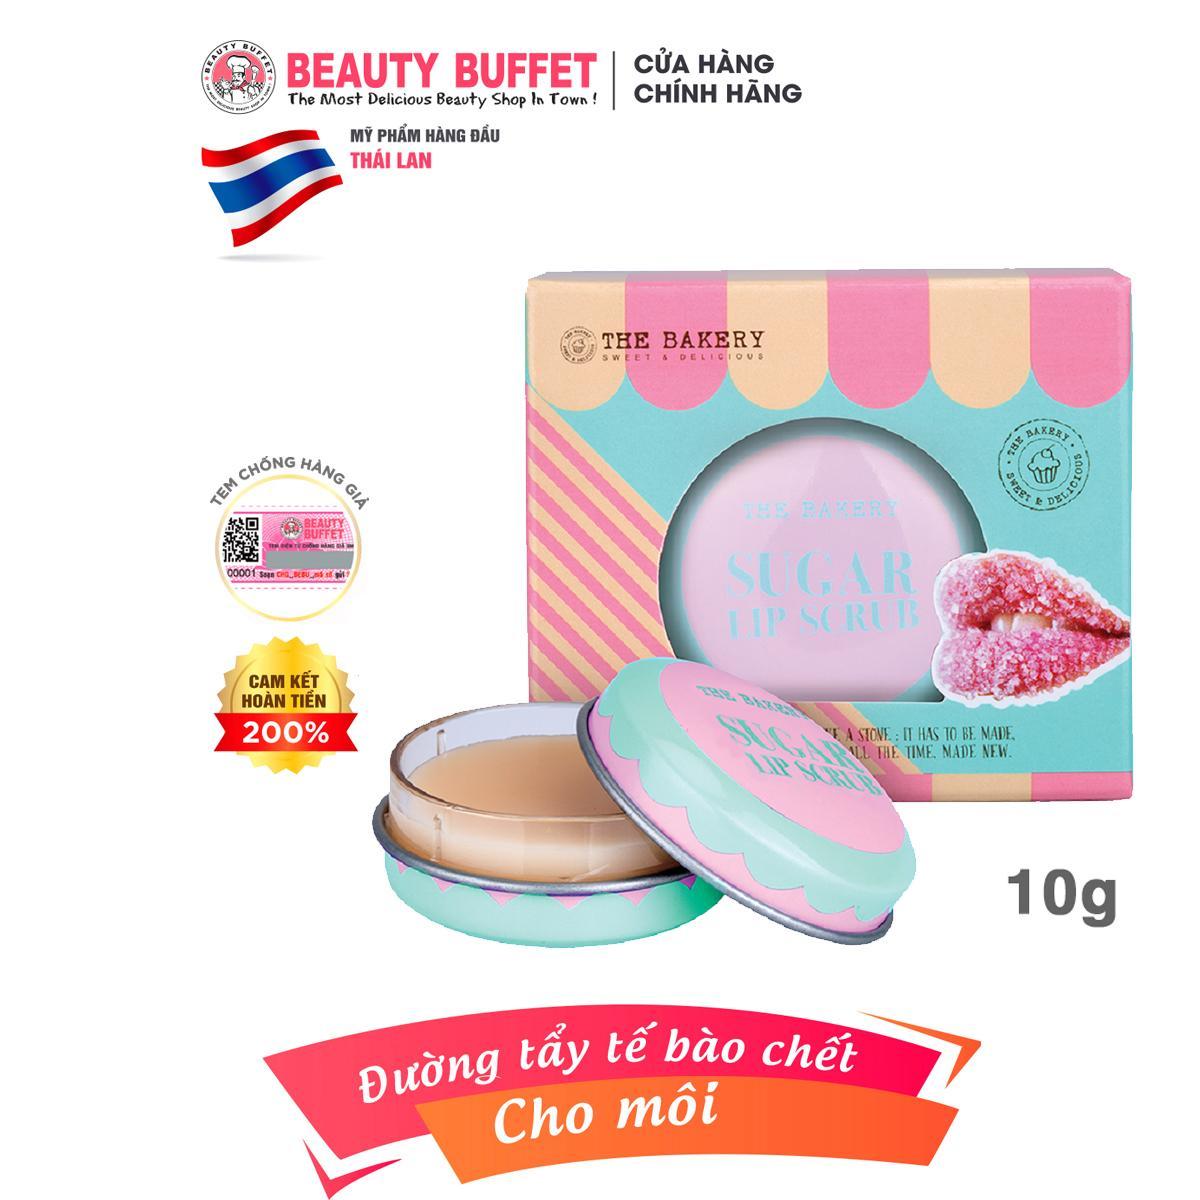 Đường tẩy tế bào chết môi The Bakery Sugar Lip Scrub 9g cao cấp